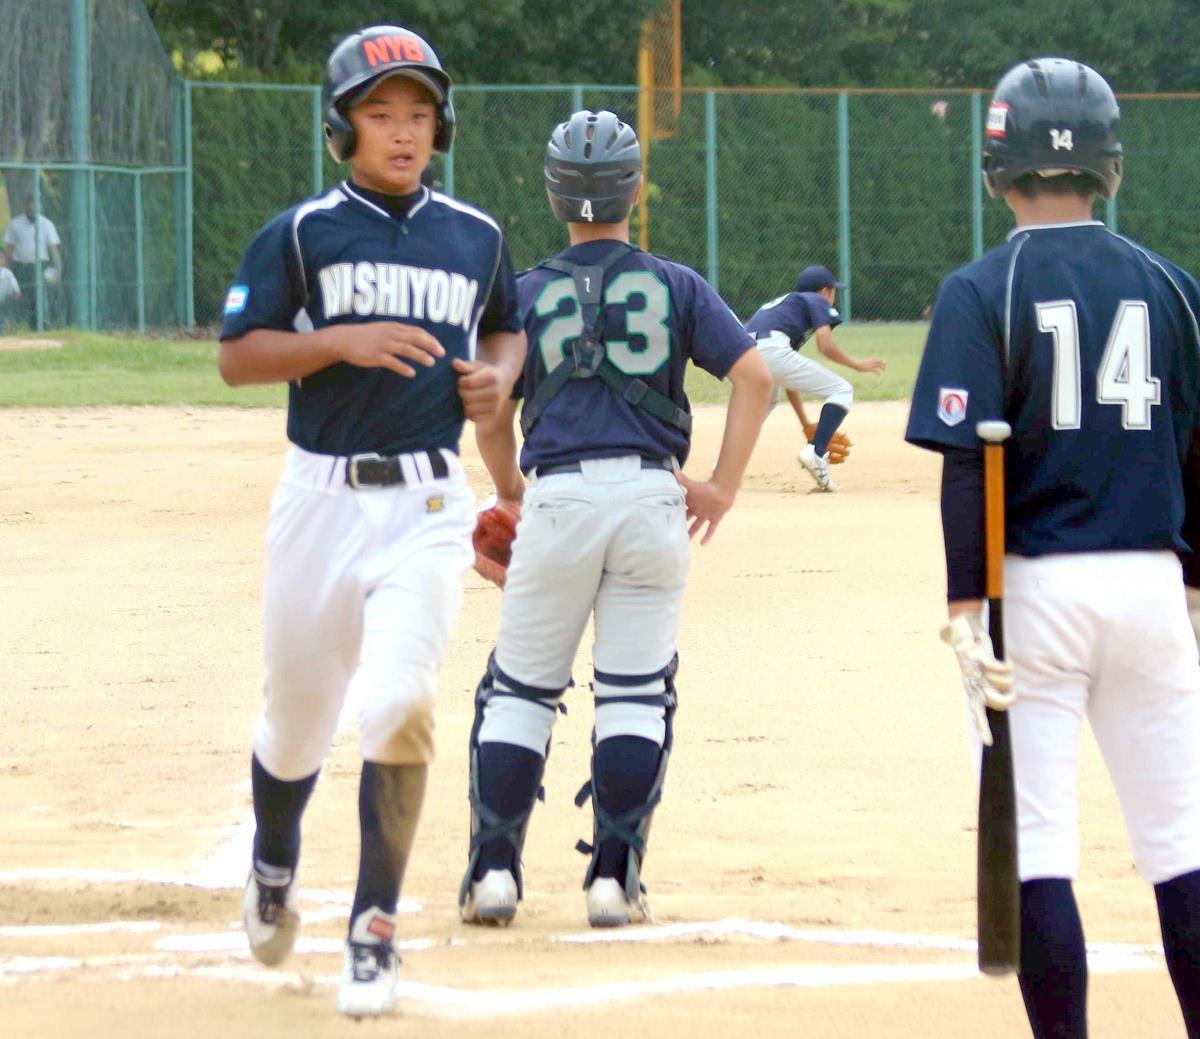 初回、西淀・仲西の適時三塁打で二塁走者・濱田が生還し西淀が先制